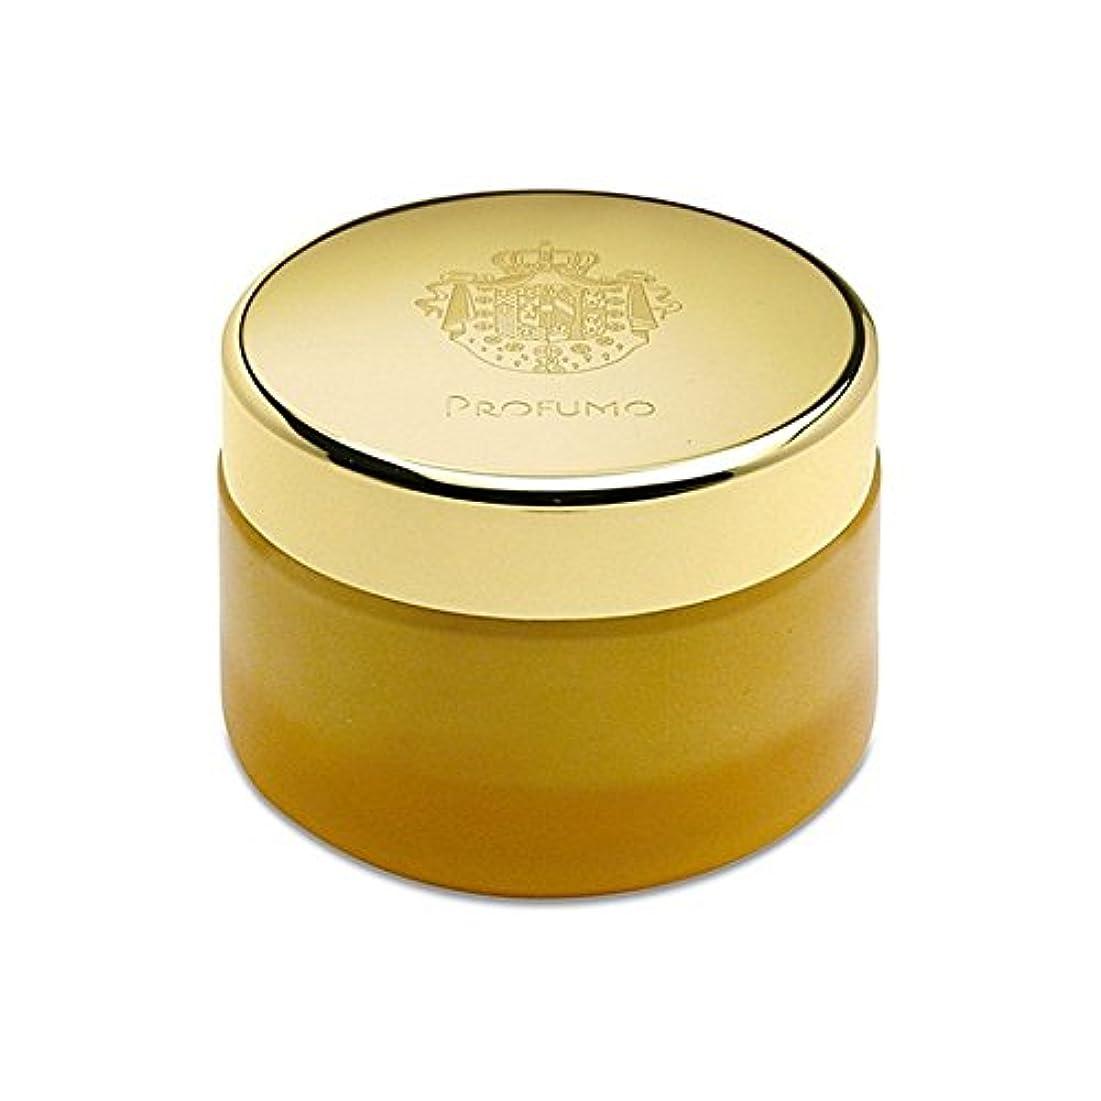 解放助言する沿ってアクアディパルマボディクリーム200ミリリットル x2 - Acqua Di Parma Profumo Body Cream 200ml (Pack of 2) [並行輸入品]